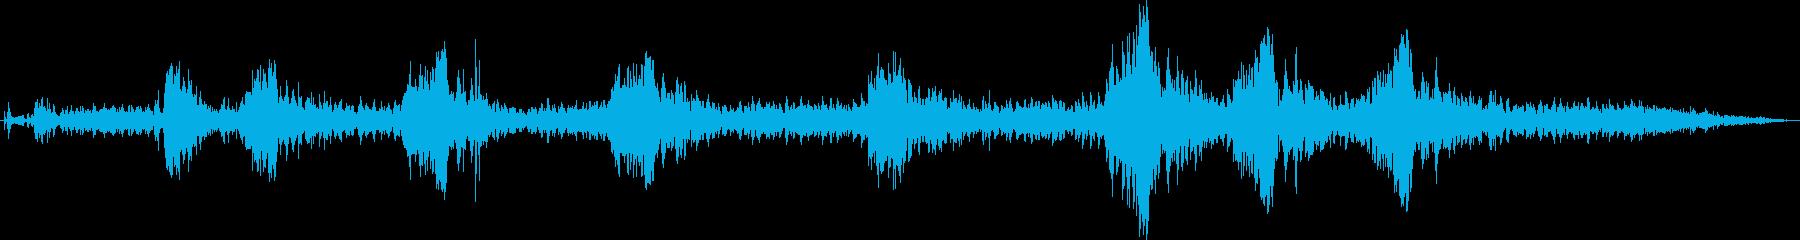 1933オースティン16:Ext:...の再生済みの波形